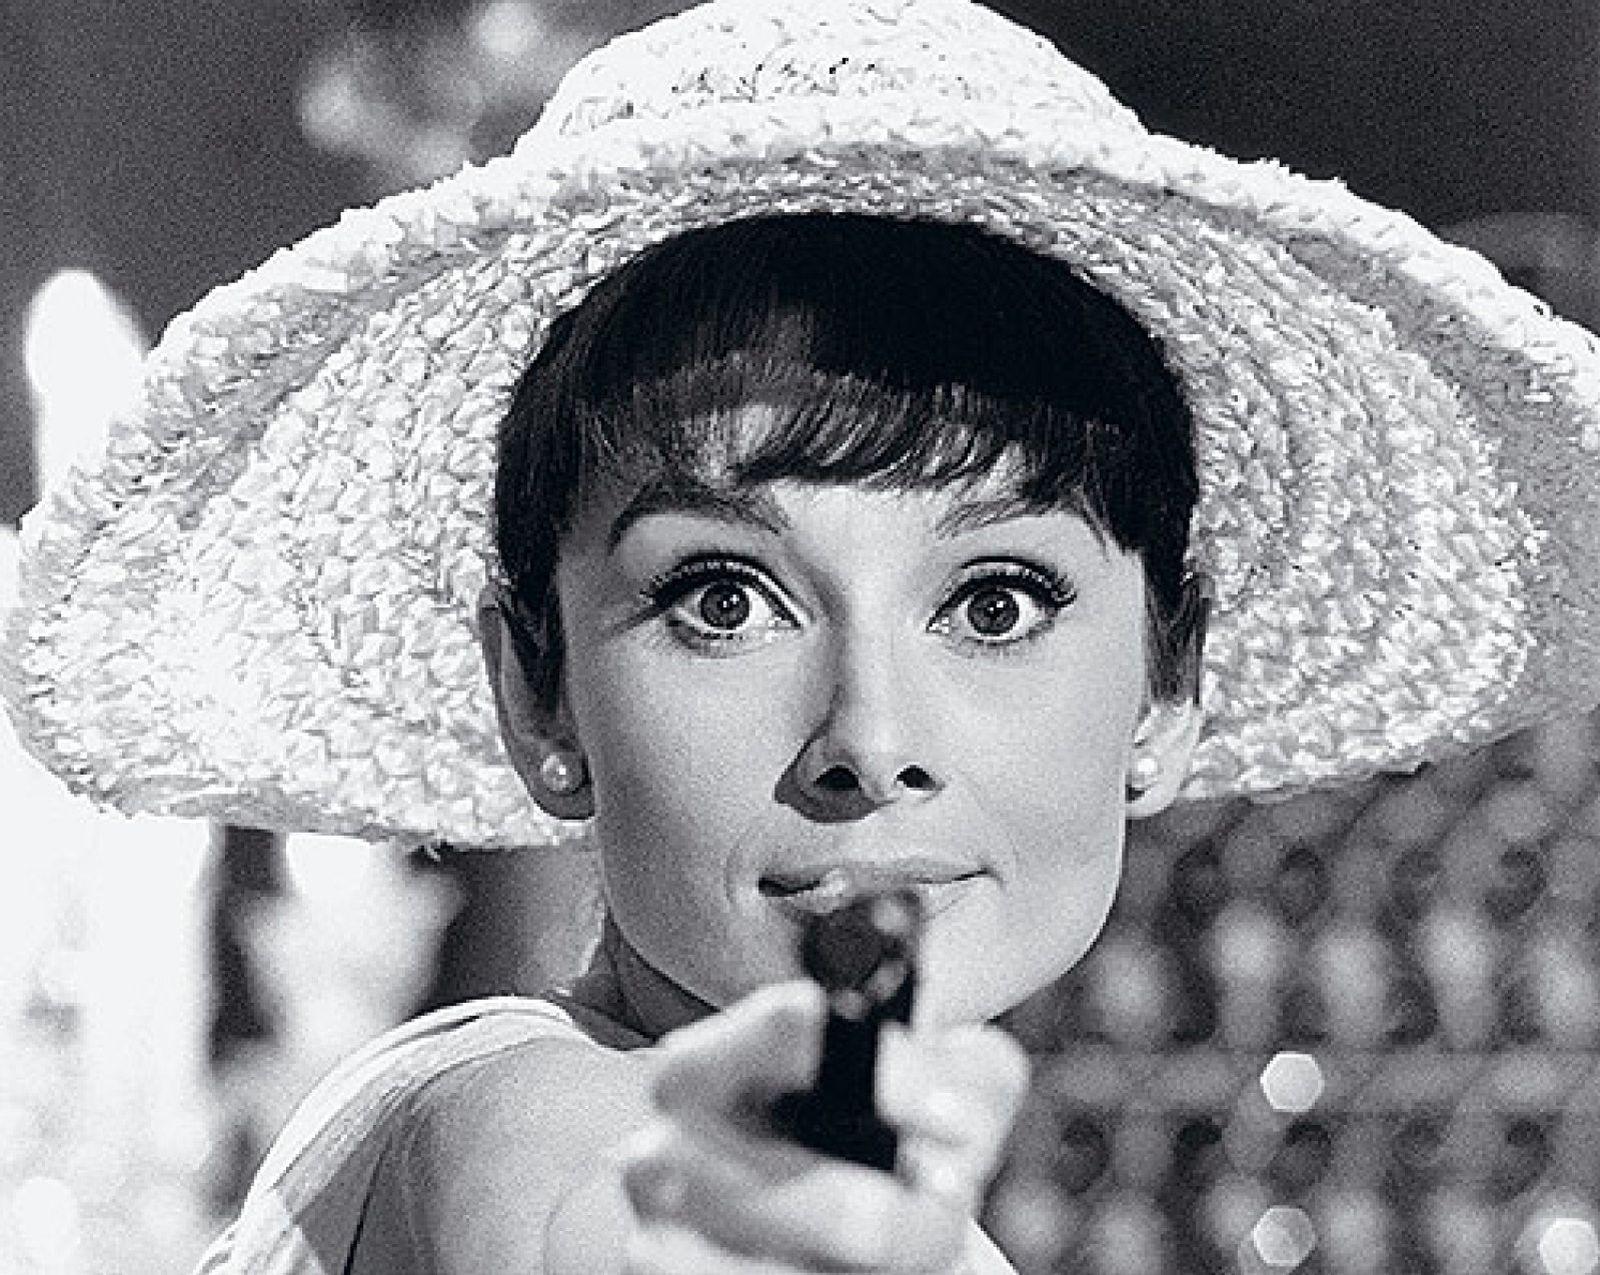 Foto: Bob Willoughby, el fotógrafo que adoraba a Audrey Hepburn